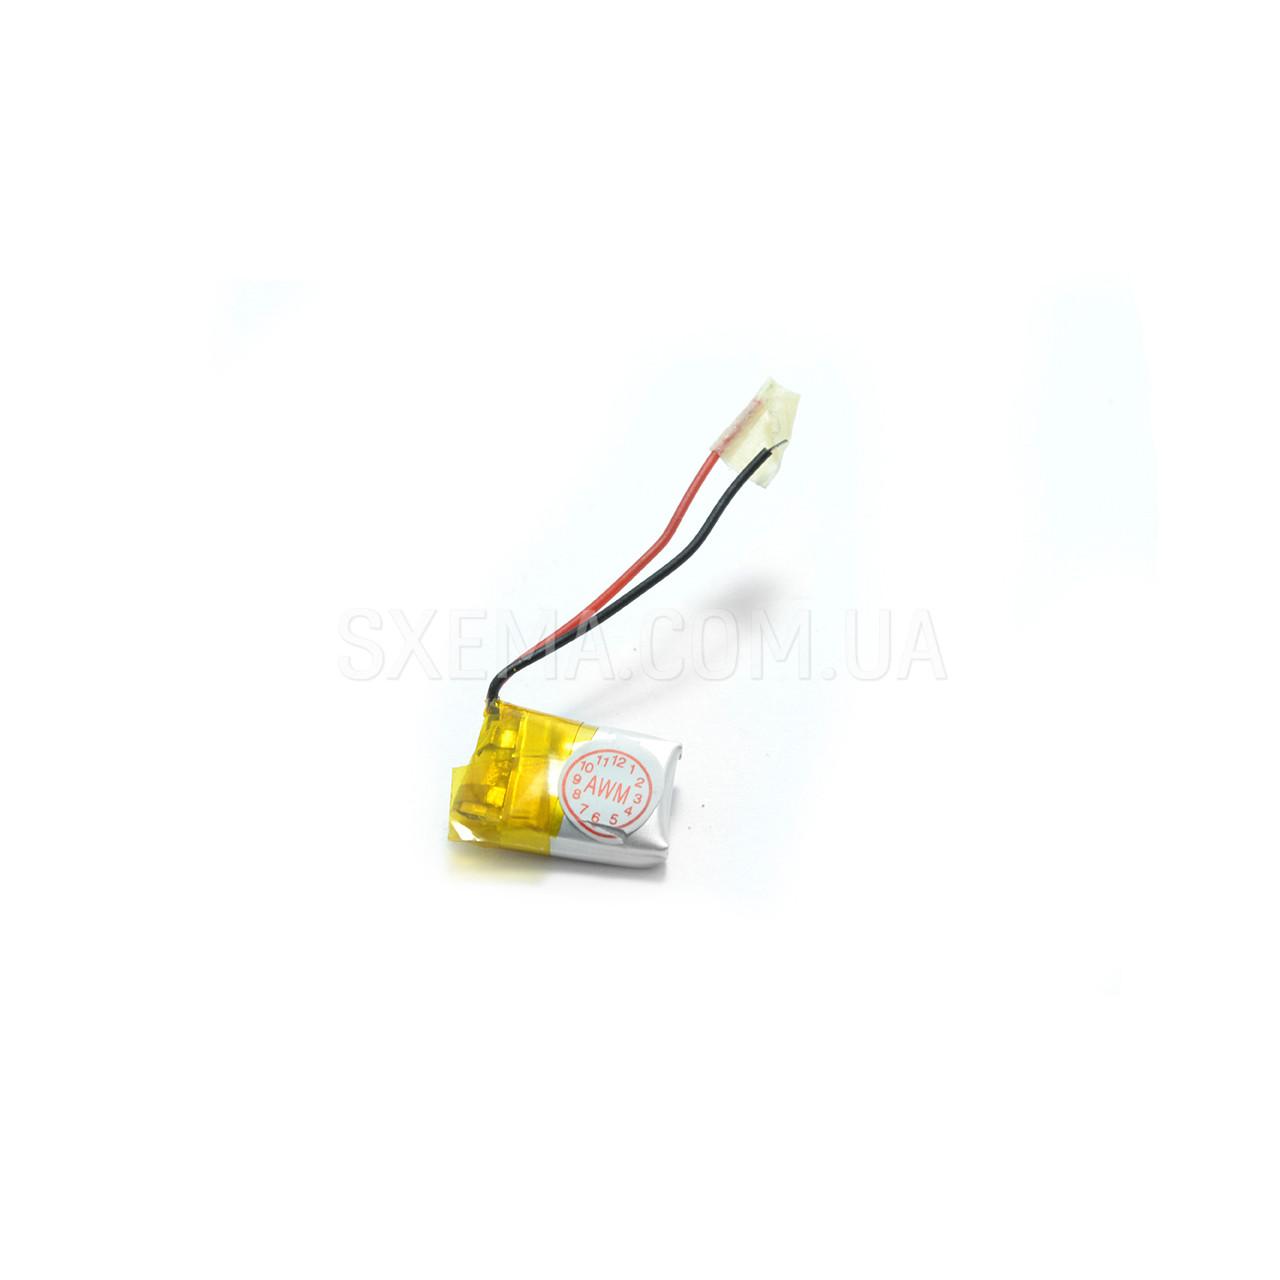 Аккумулятор универсальный 041012 (Li-ion 3.7В 140мА·ч), (12*10*4 мм)